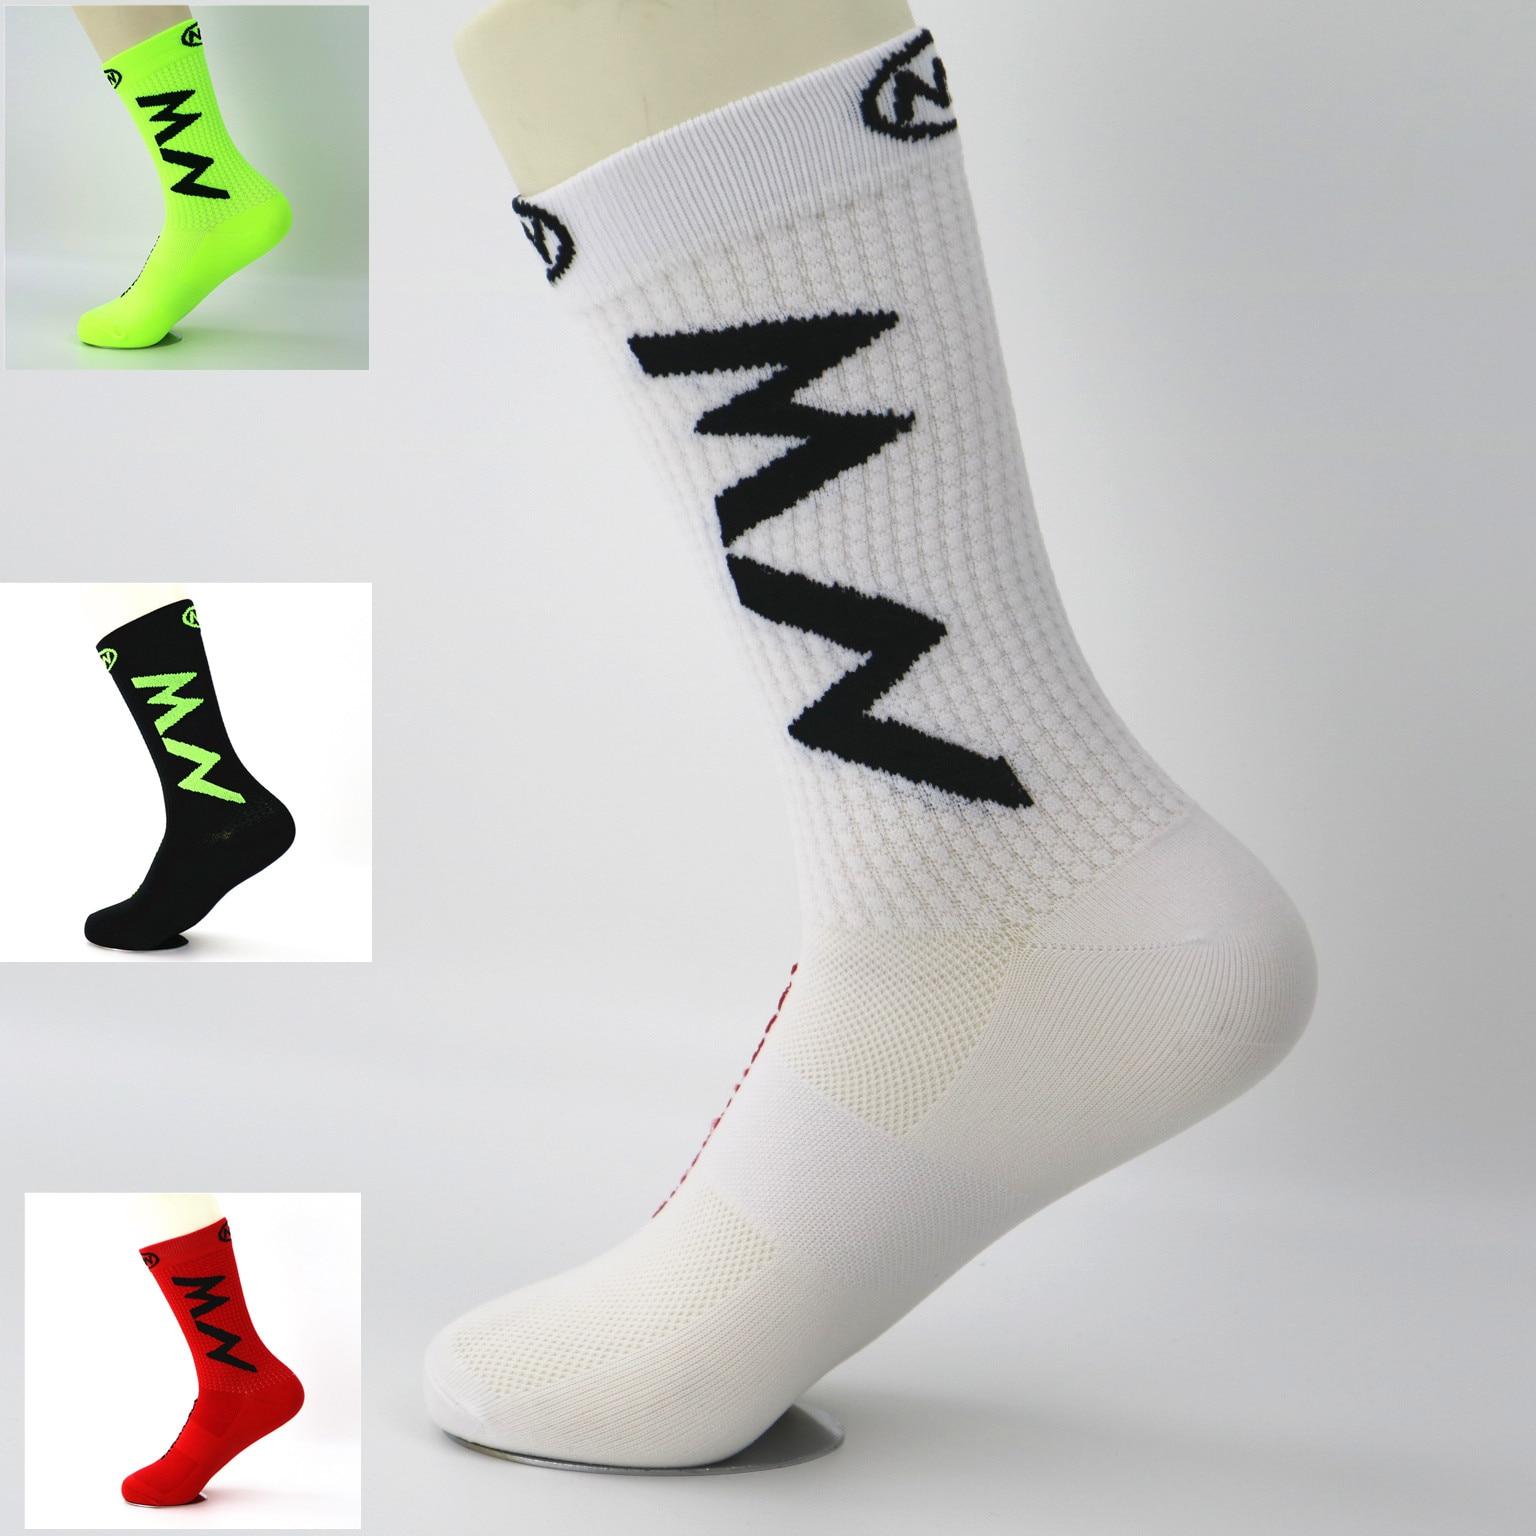 NW спортивные носки для езды на велосипеде, баскетбола, мужские и женские носки для бега, альпинизма, кемпинга, пешего туризма, дышащие носки ...